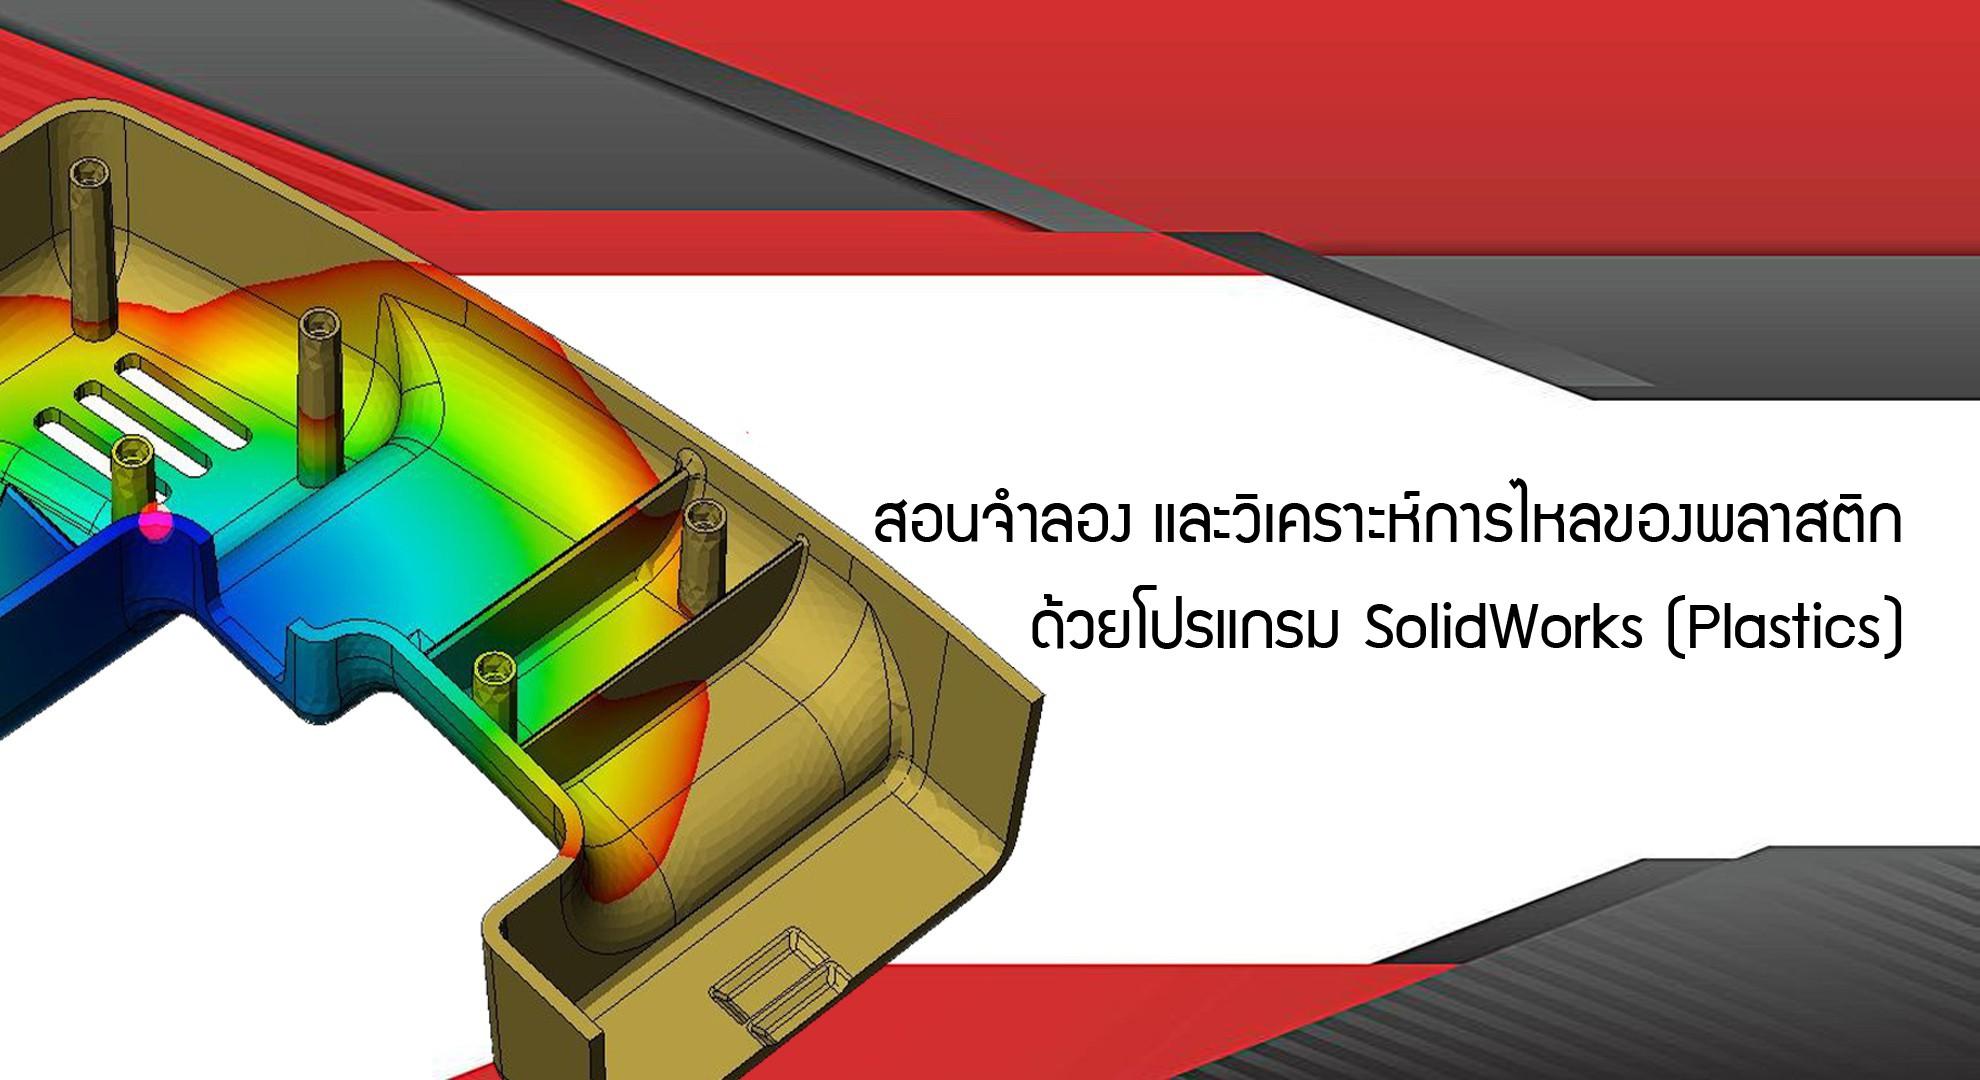 สอนจำลอง และวิเคราะห์การไหลของพลาสติก ด้วยโปรแกรม SolidWorks (Plastics)